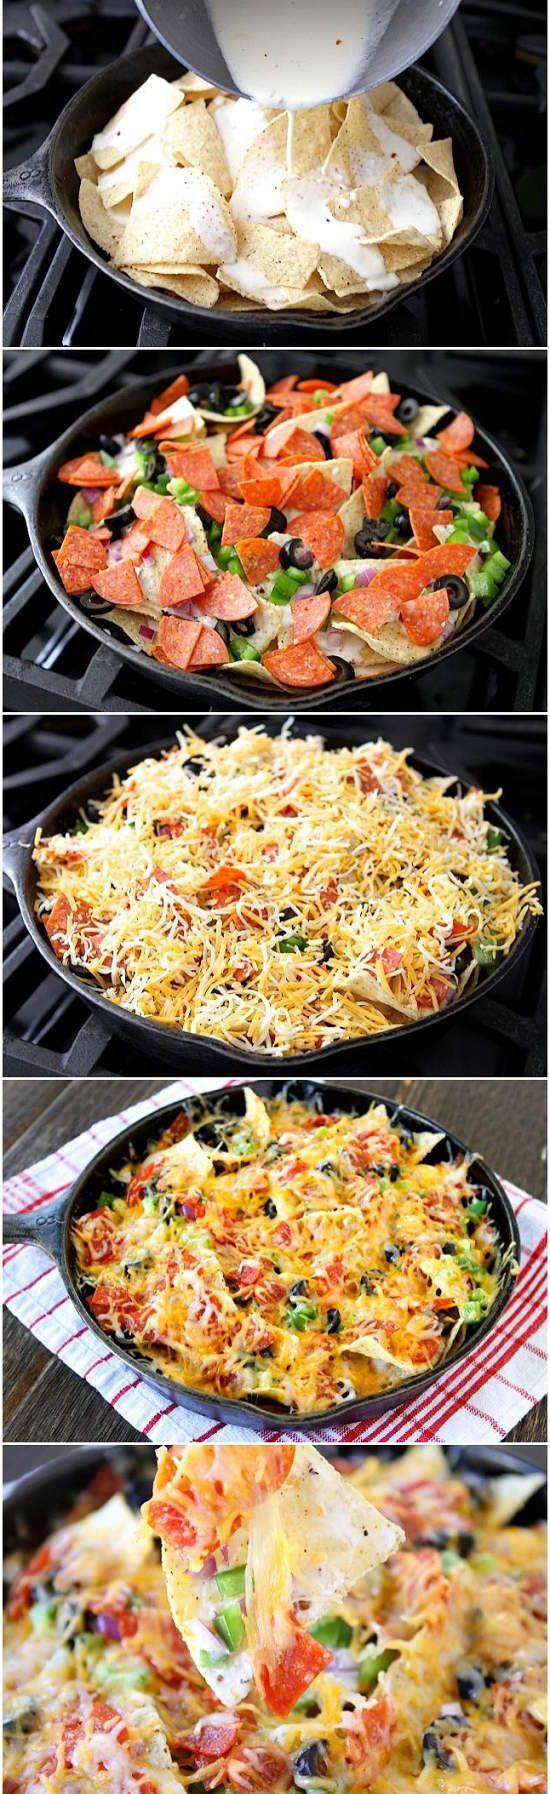 Recette de pizza nachos pour le camping  Pizza Nacho's for BBQ